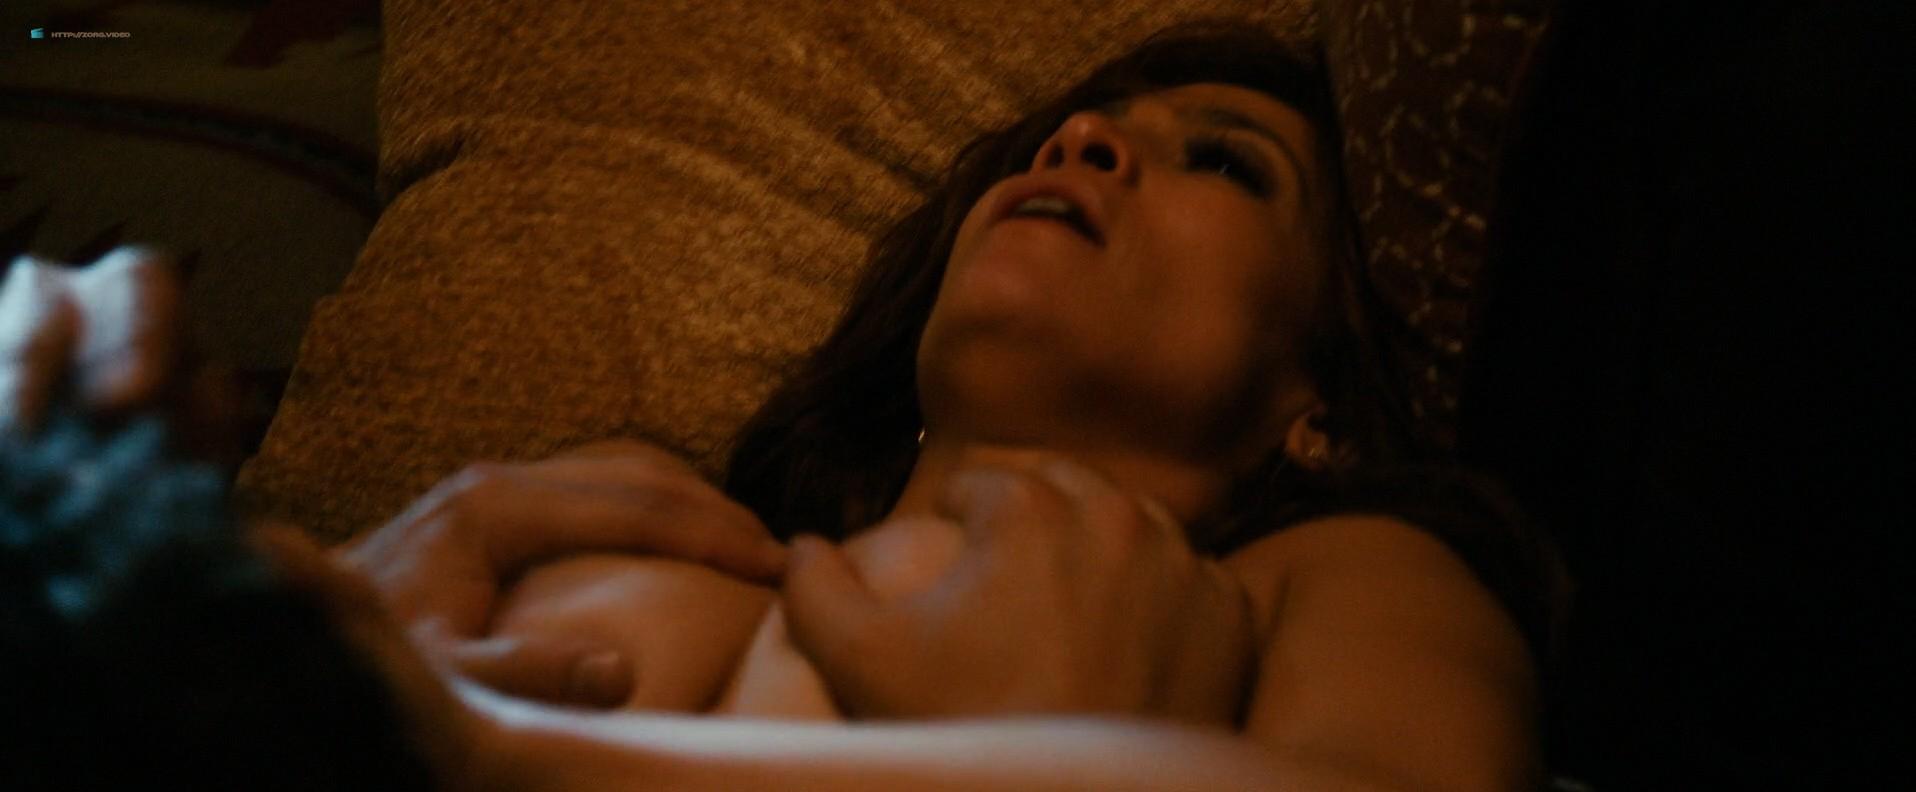 Celebrity Explicit Sex Scene